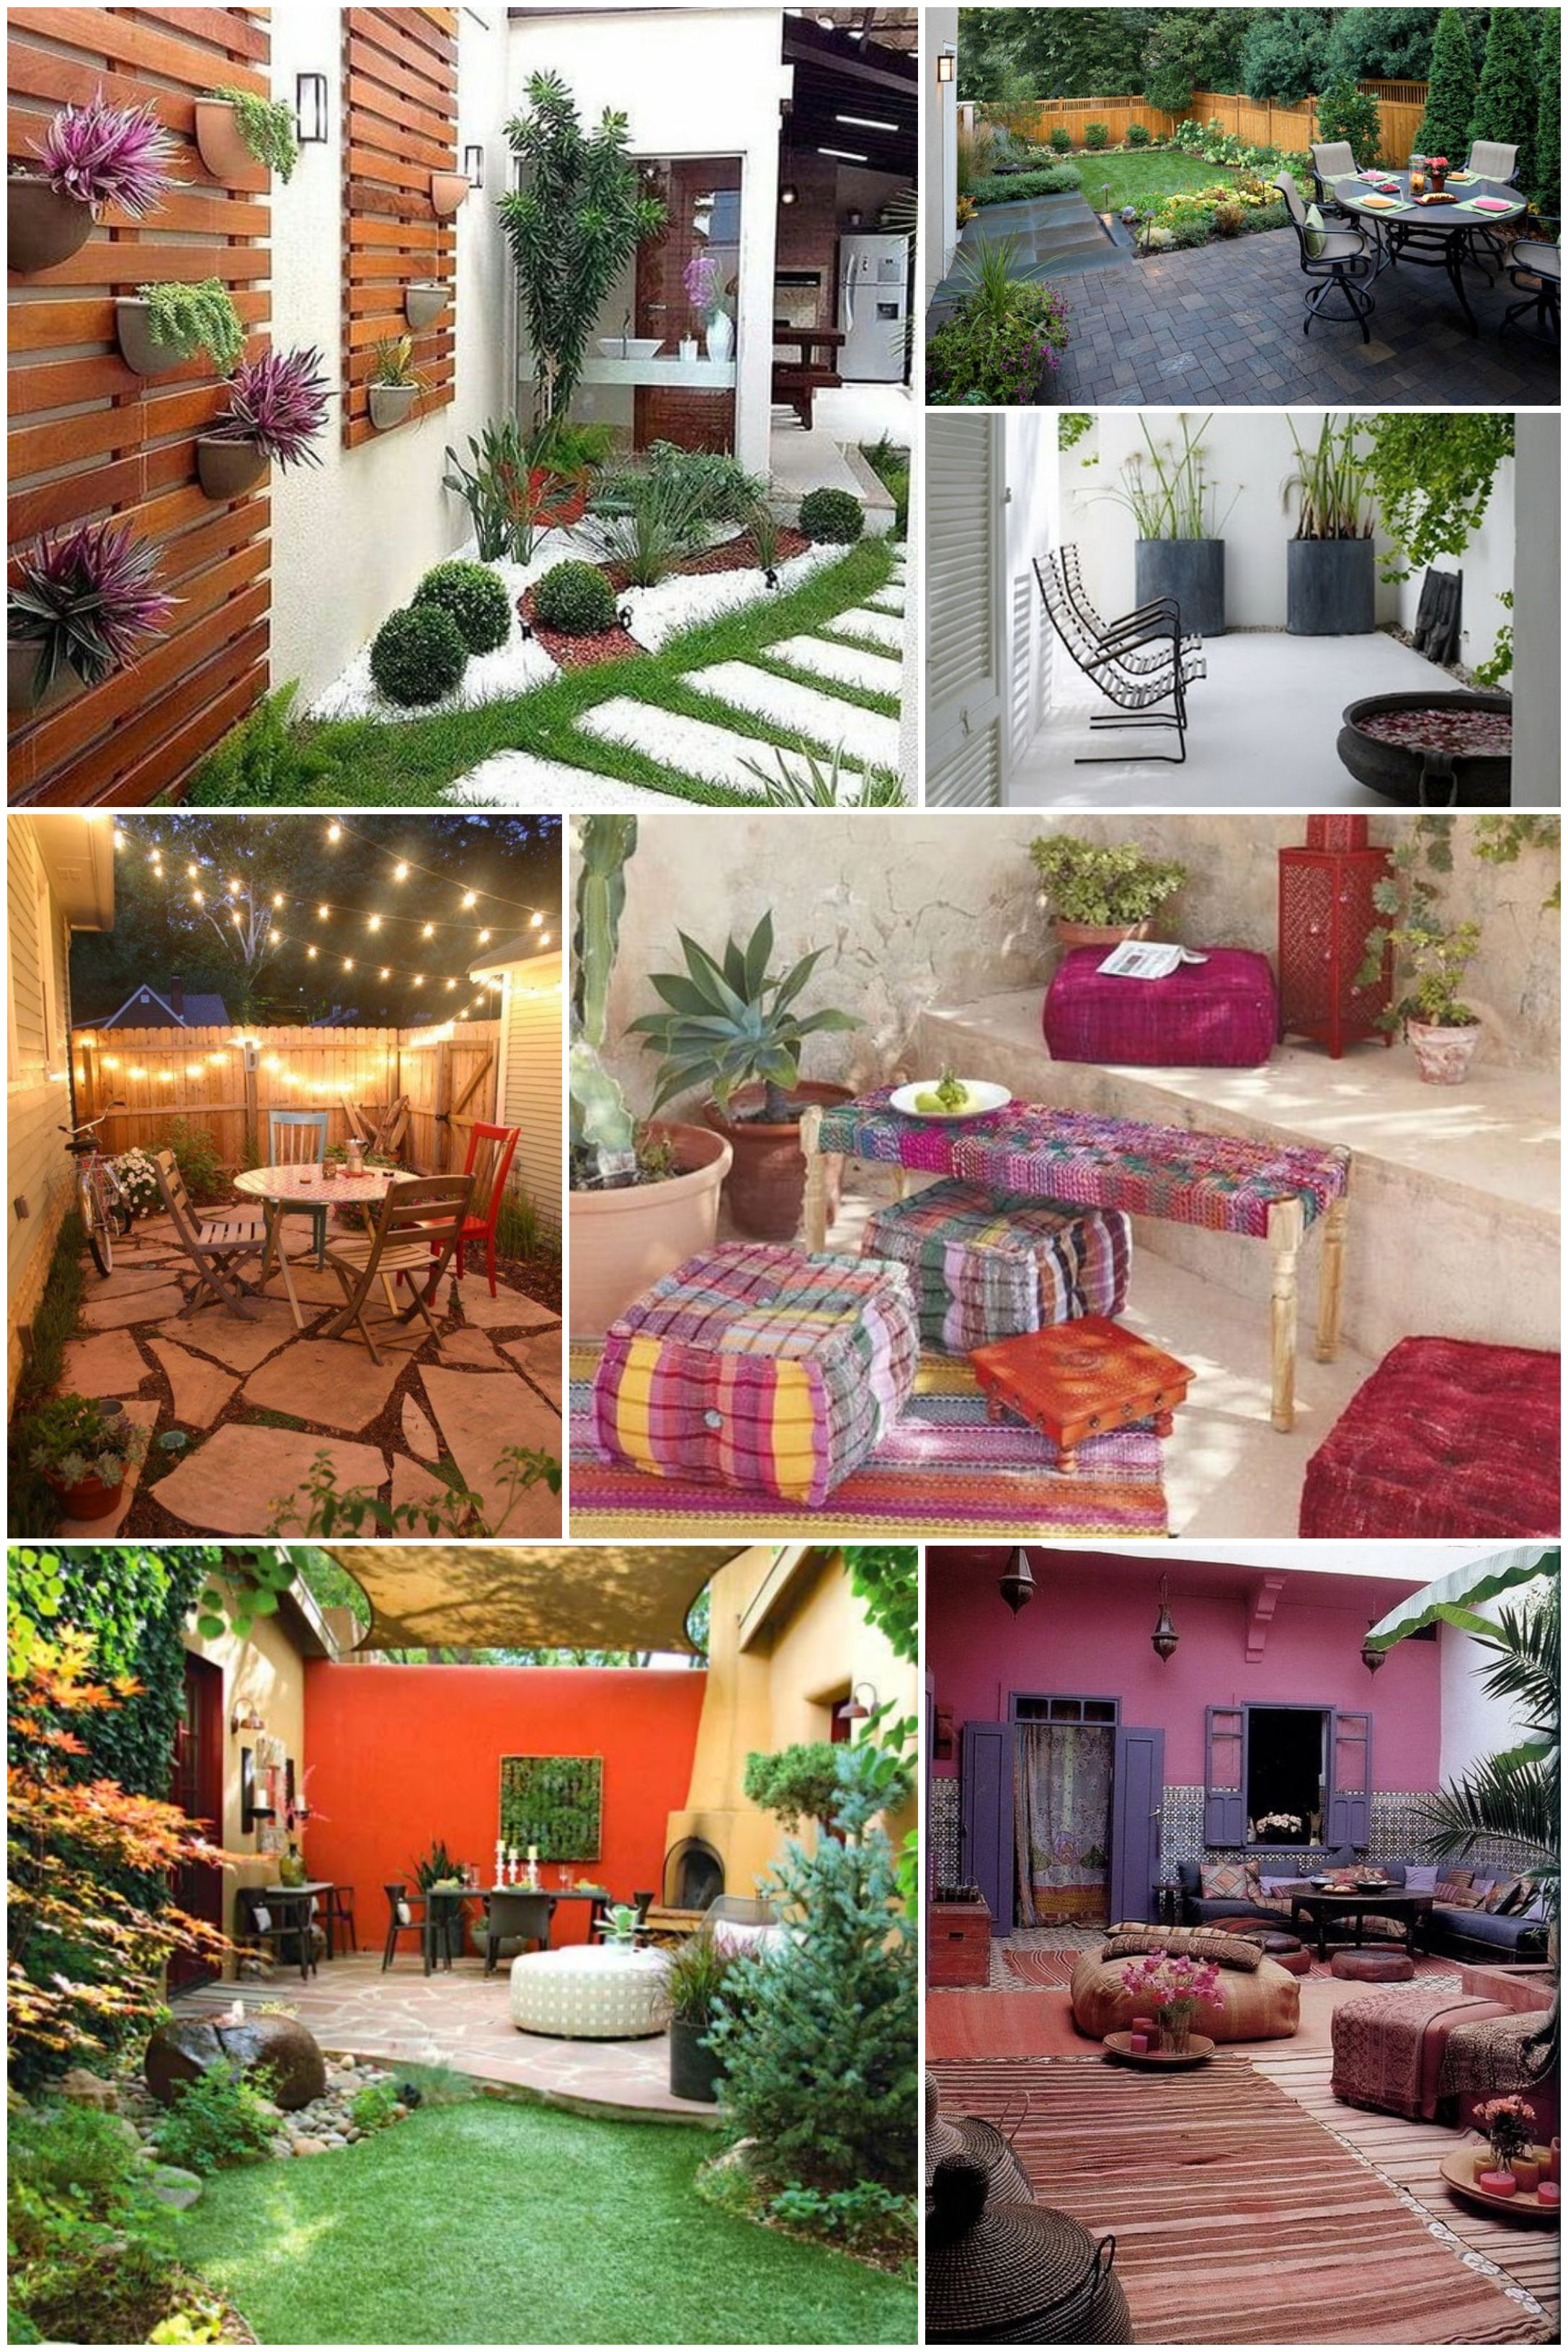 Ideas para patios peque os decoraci n de jardines peque os jard n patios peque os Ideas decoracion jardines exteriores